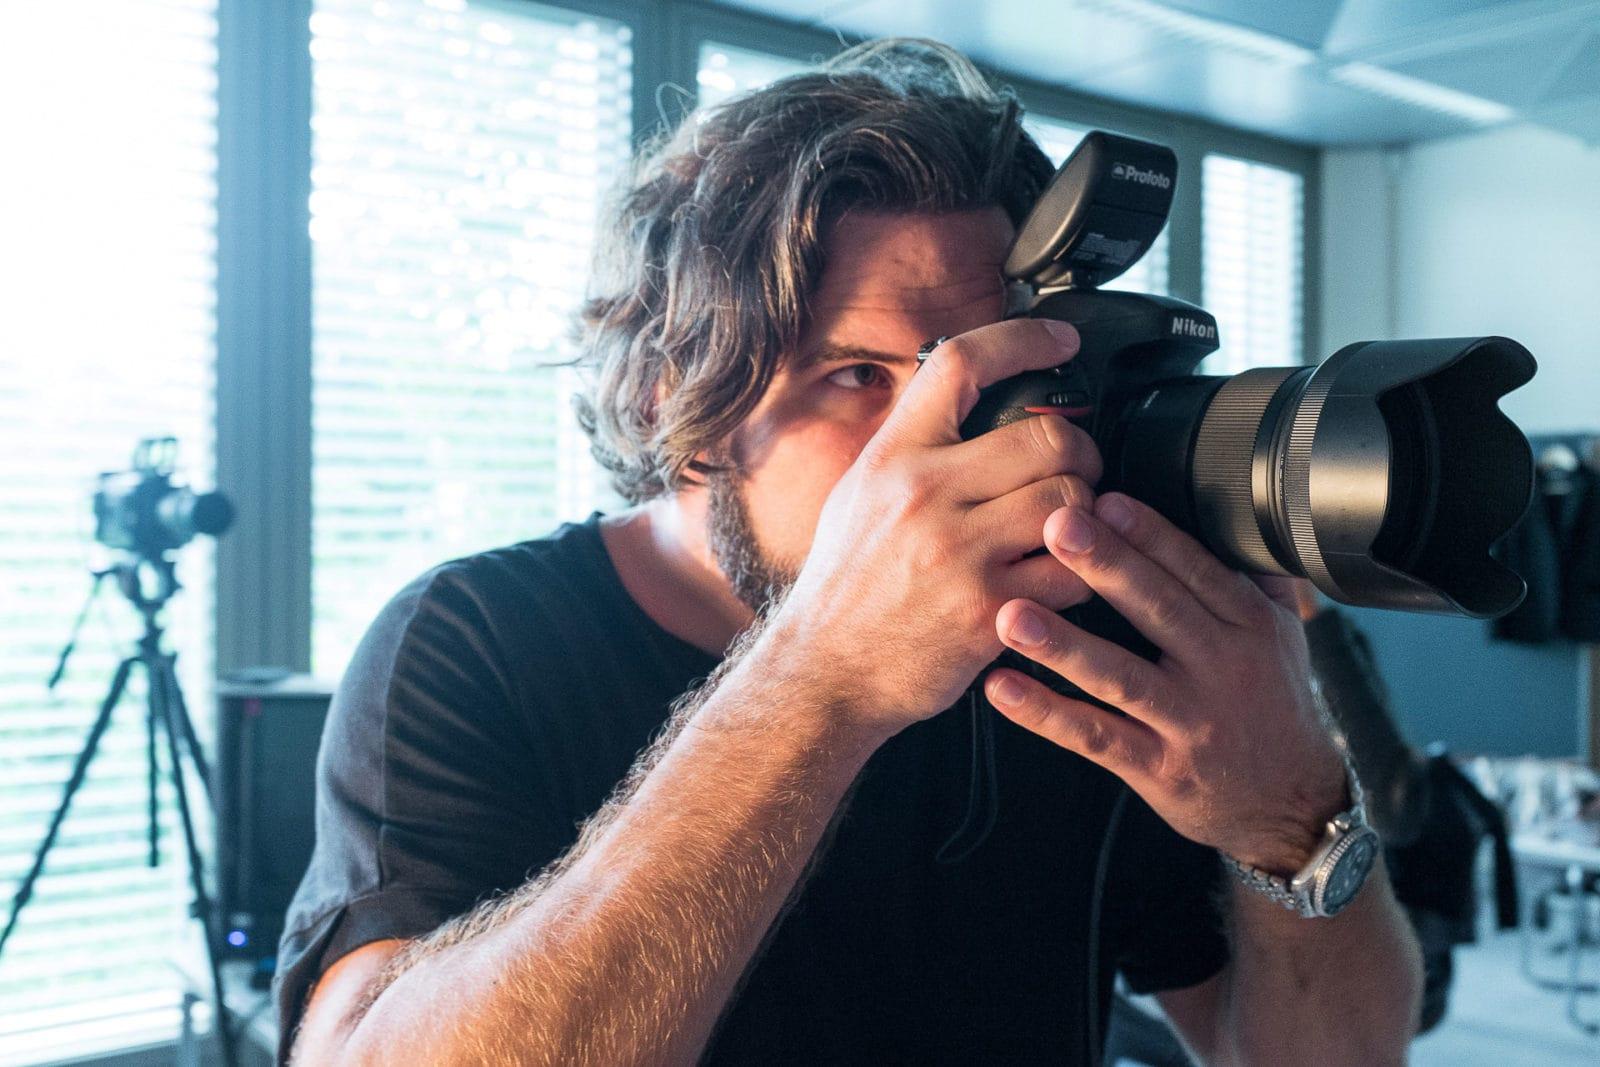 Werbefotograf Markus Mielek am Set - hier im Blog gibt es viele weitere Informationen über den Fotografen